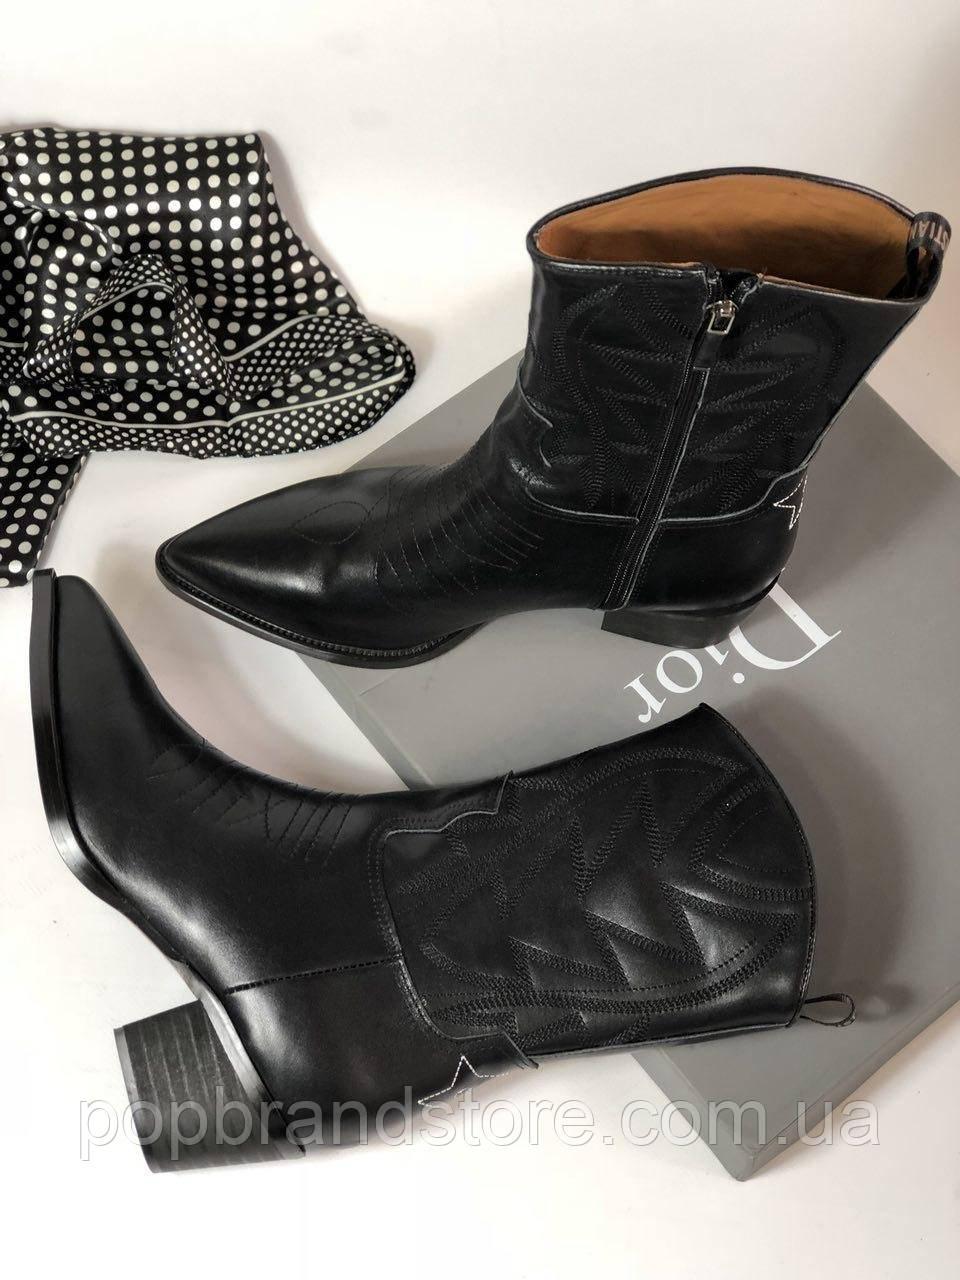 Шикарные женские ботинки Christian Dior казаки (реплика)  продажа ... 76533d78261